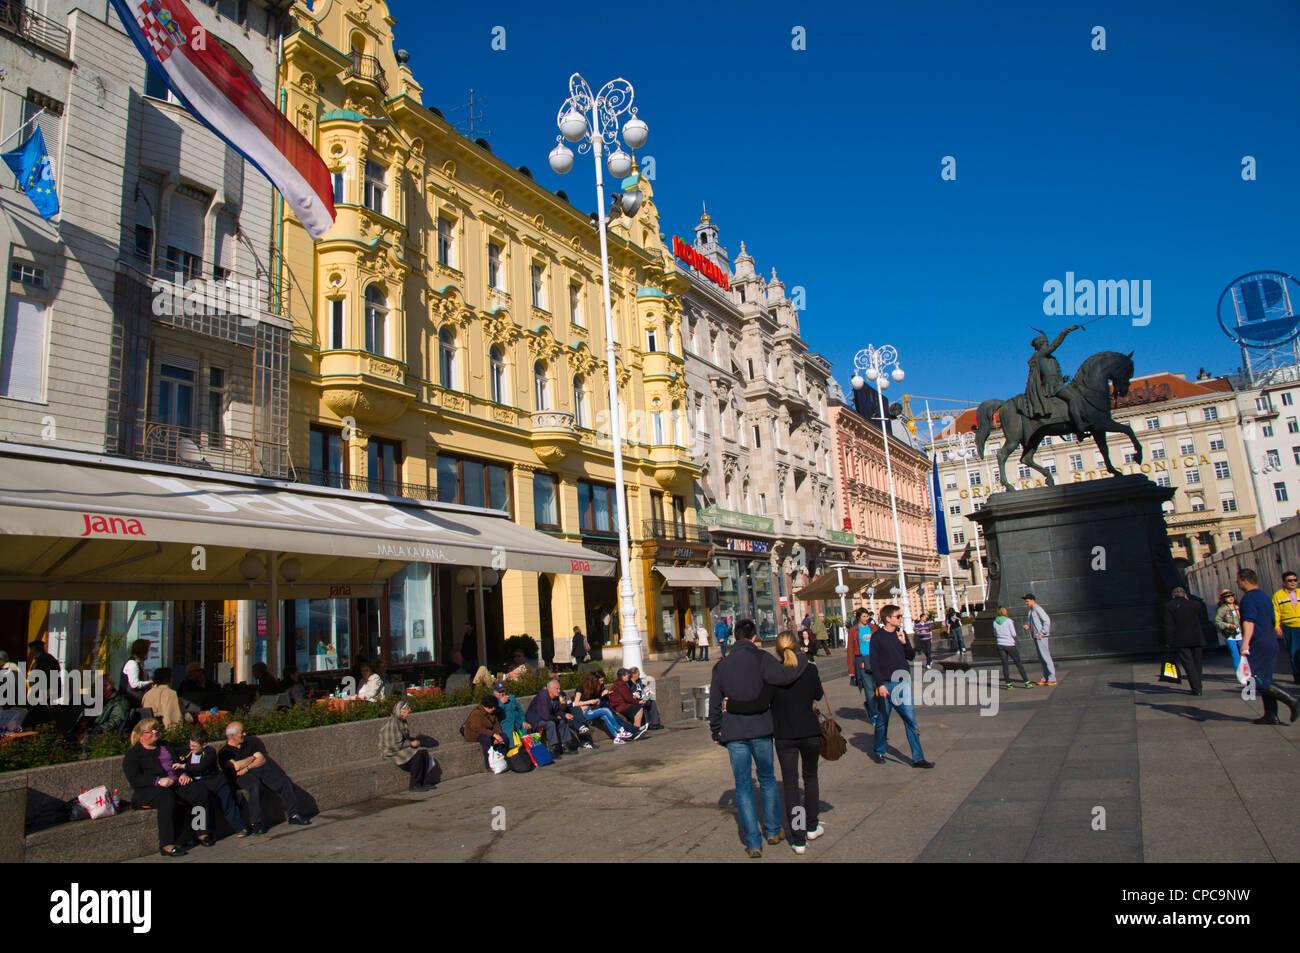 Trg bana Jelačića the Jelacic square Zagreb Croatia Europe - Stock Image